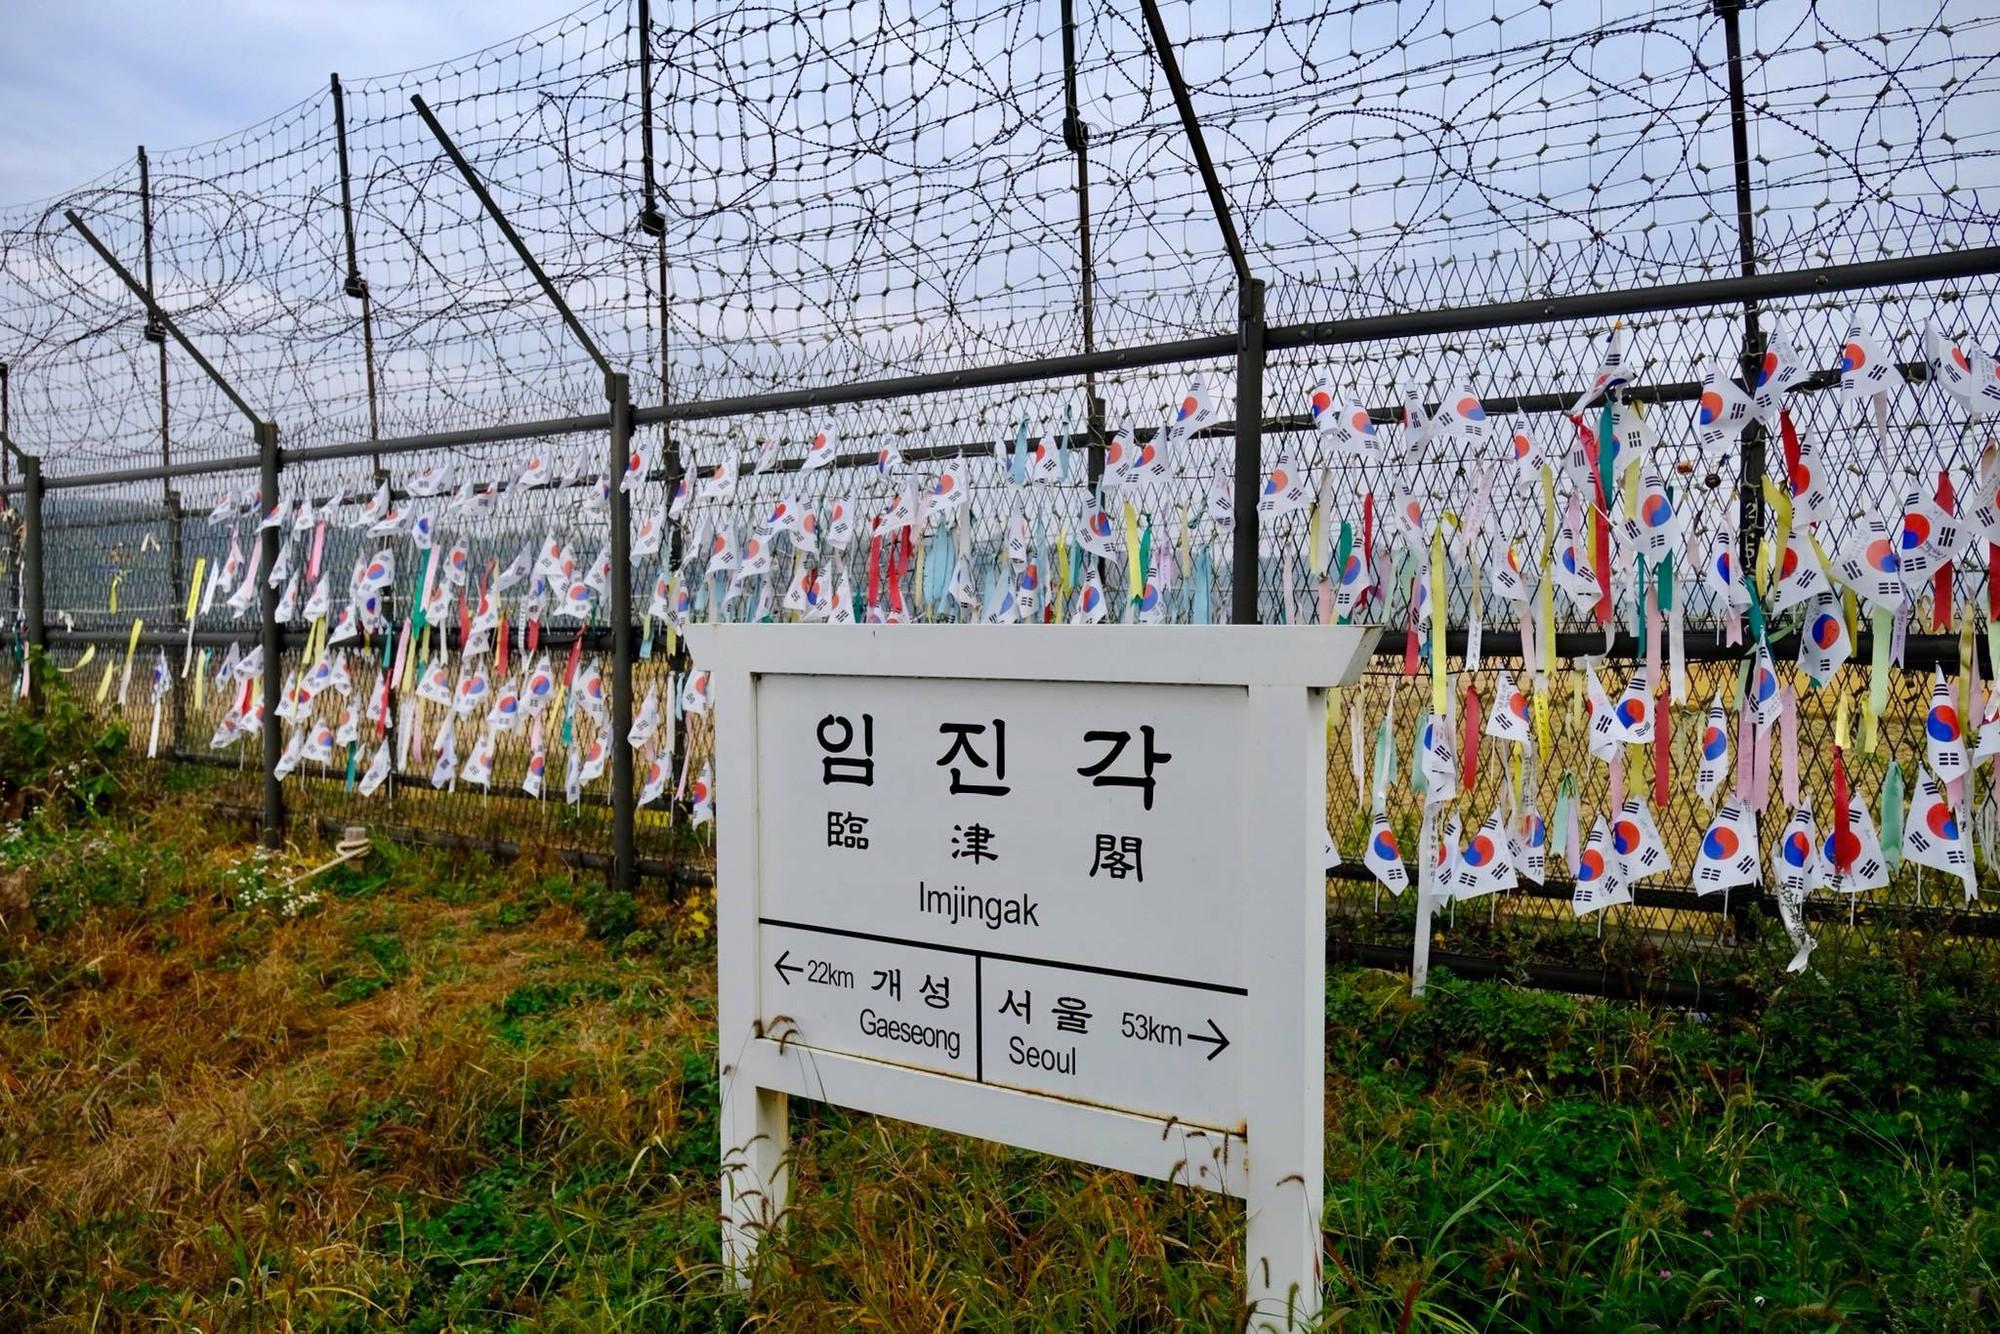 [PHOTO ESSAY] Thù địch và hy vọng ở DMZ liên Triều nhìn từ hai phía qua ống kính người Việt - Ảnh 19.